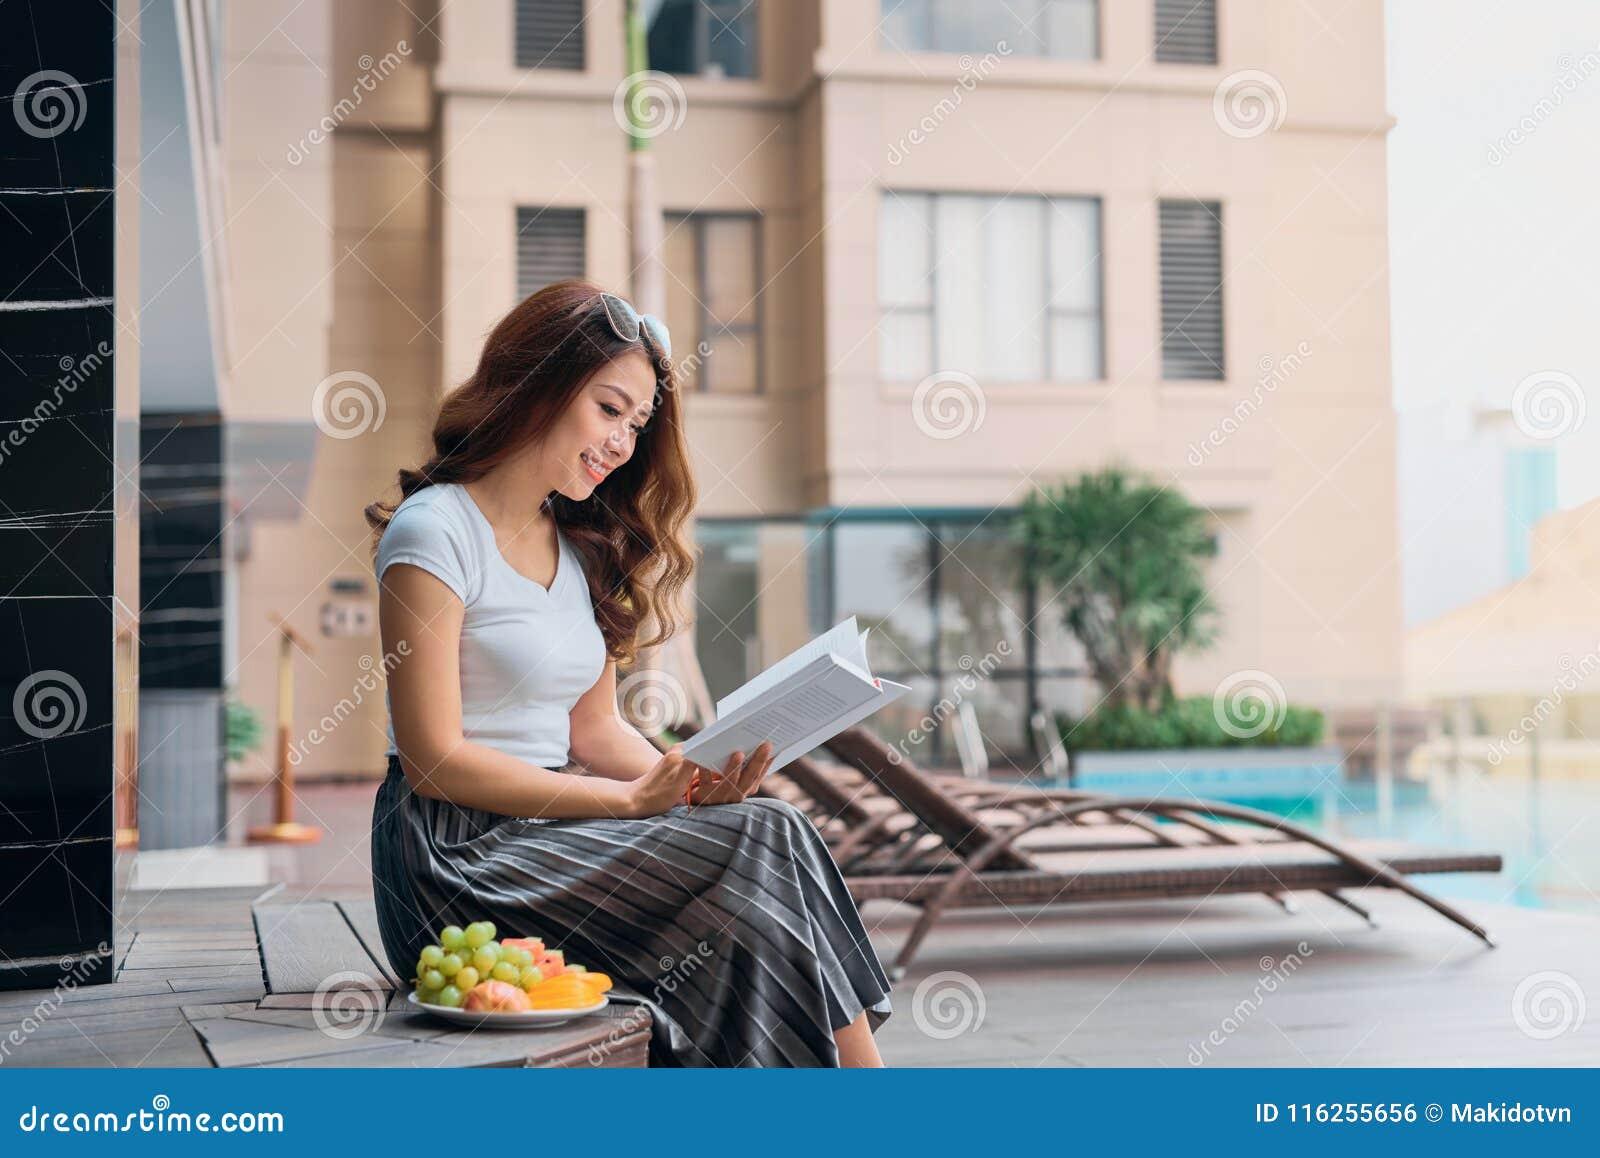 El retrato de la mujer bastante alegre se relaja y del libro de lectura en vaca